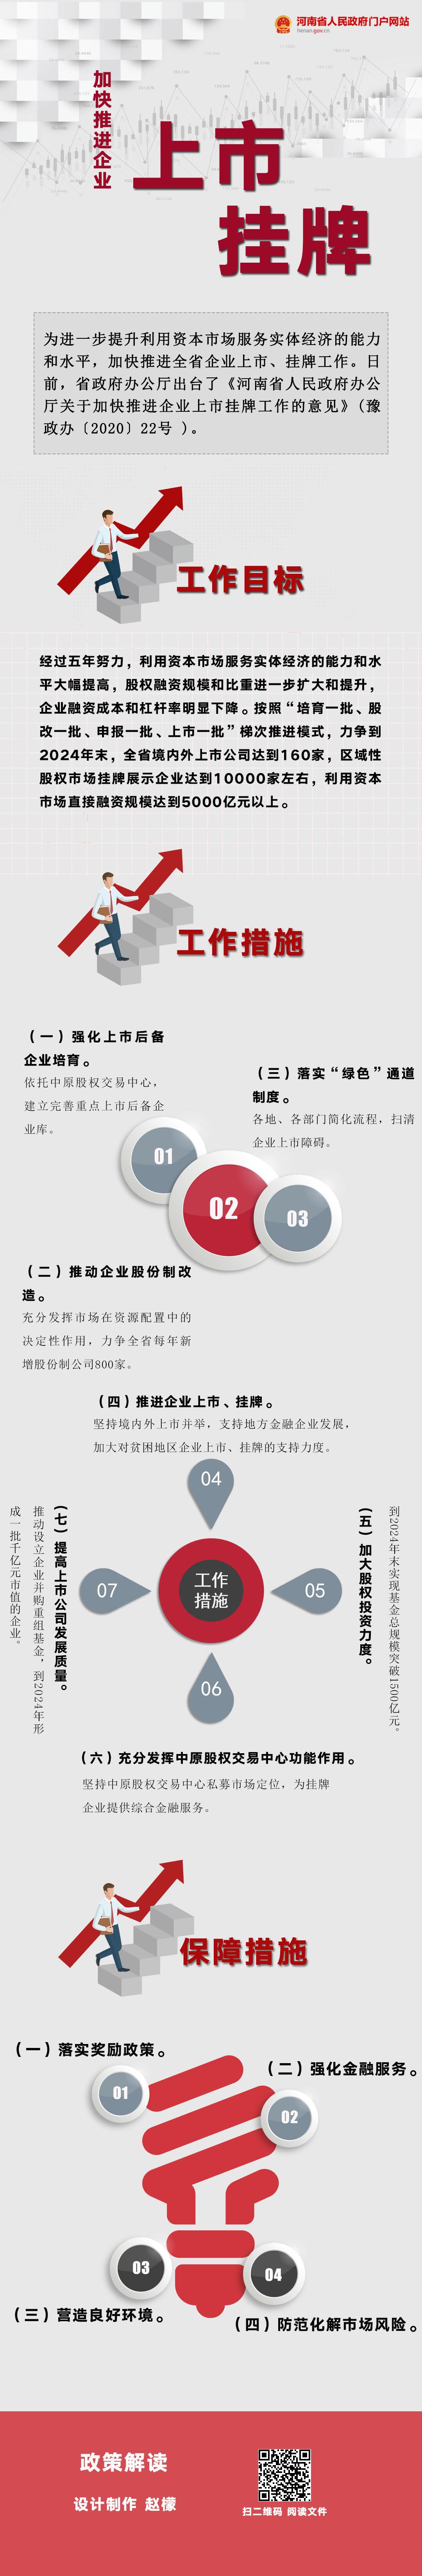 图解:河南出台《意见》 加快推进企业上市挂牌